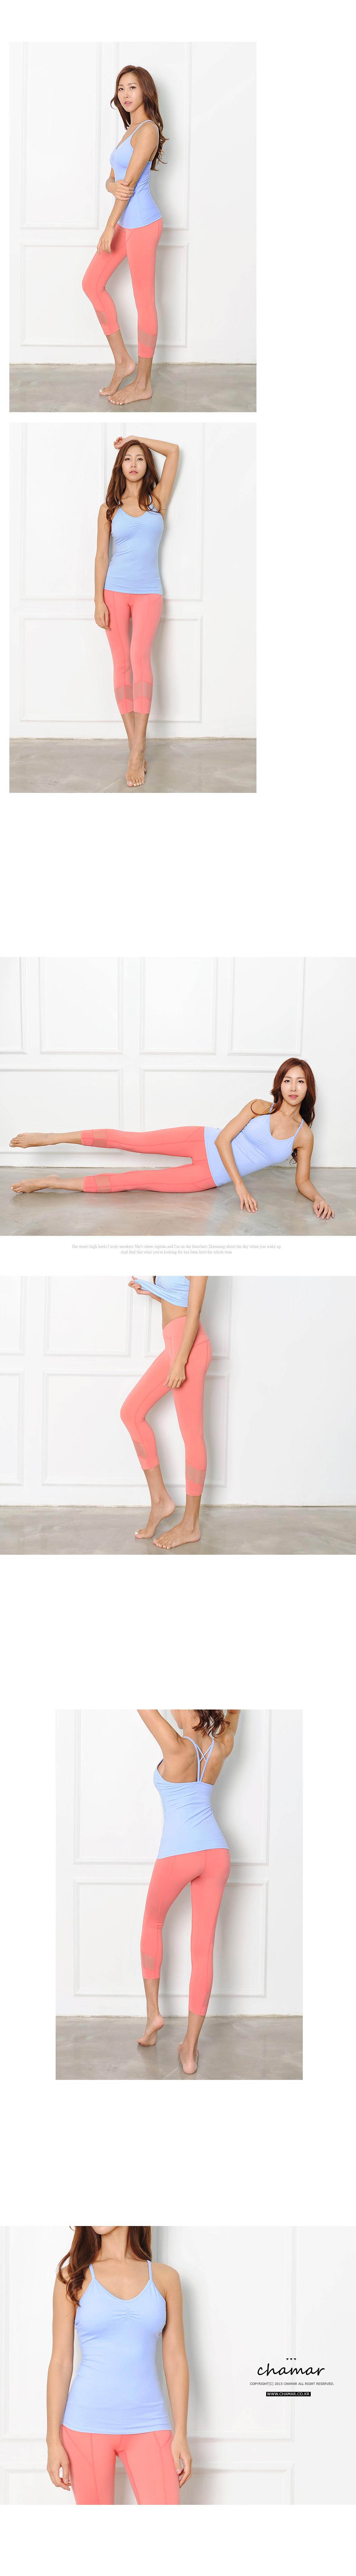 170707-womanpants-14-04.jpg